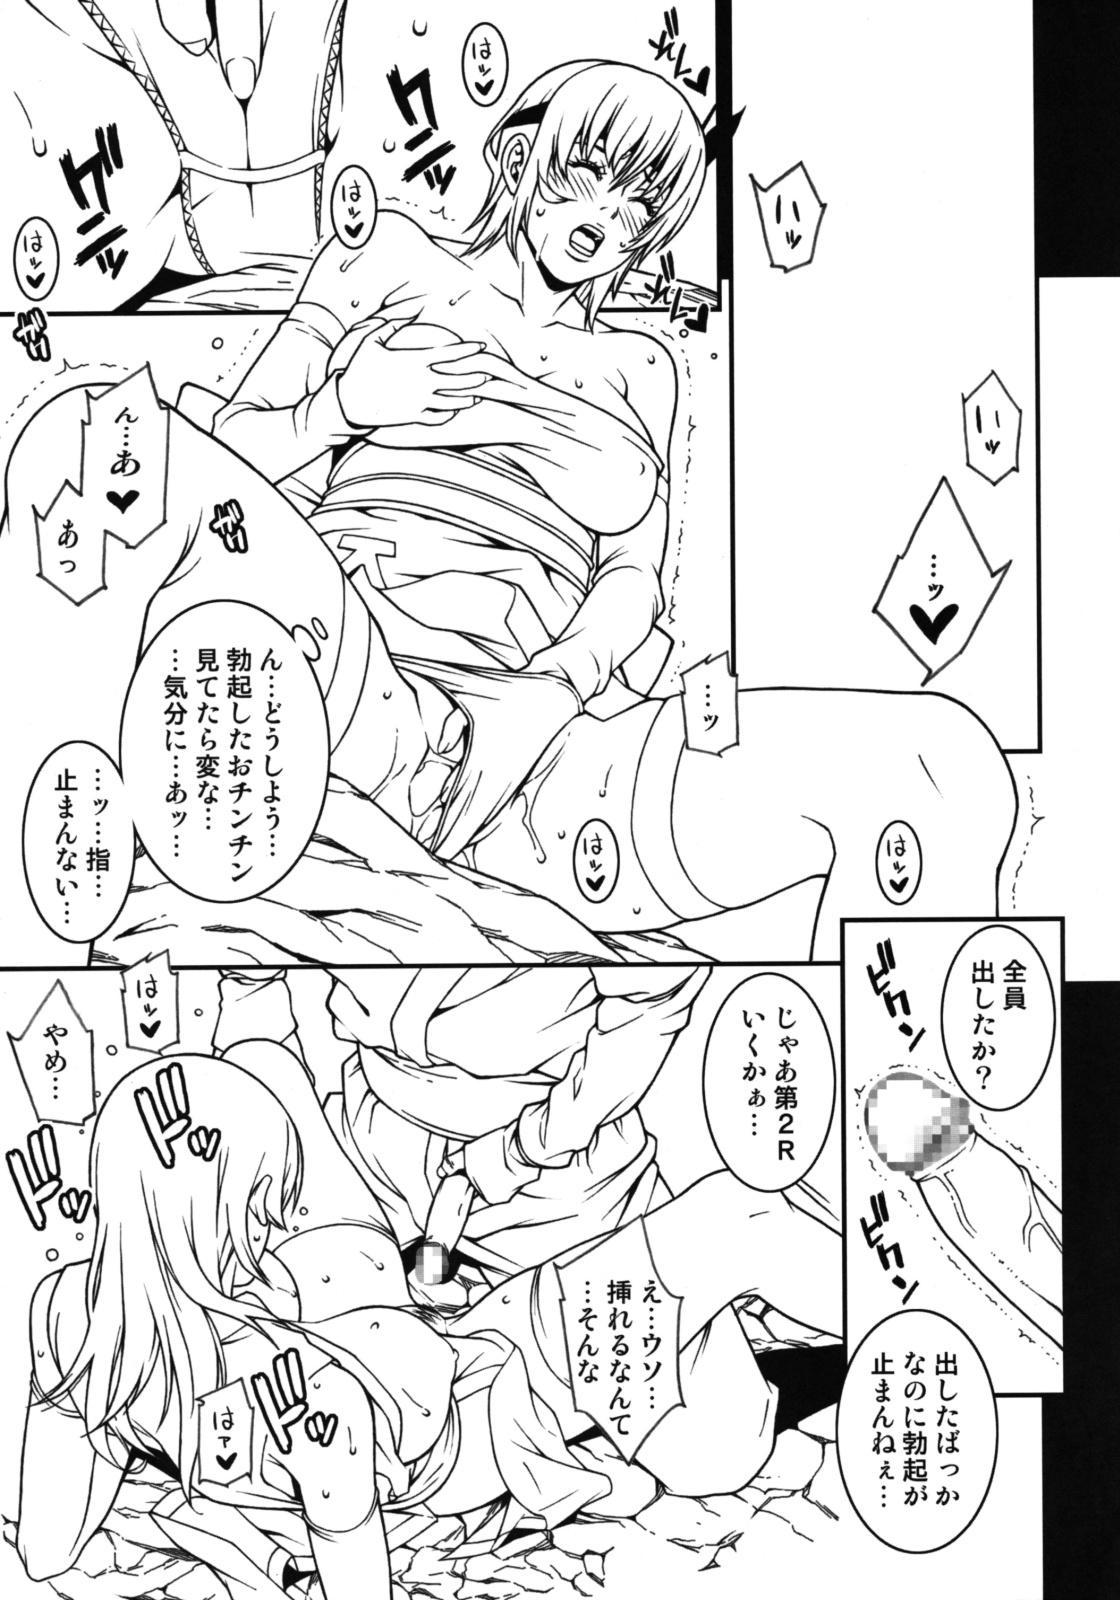 Chichiranbu Vol. 05 13